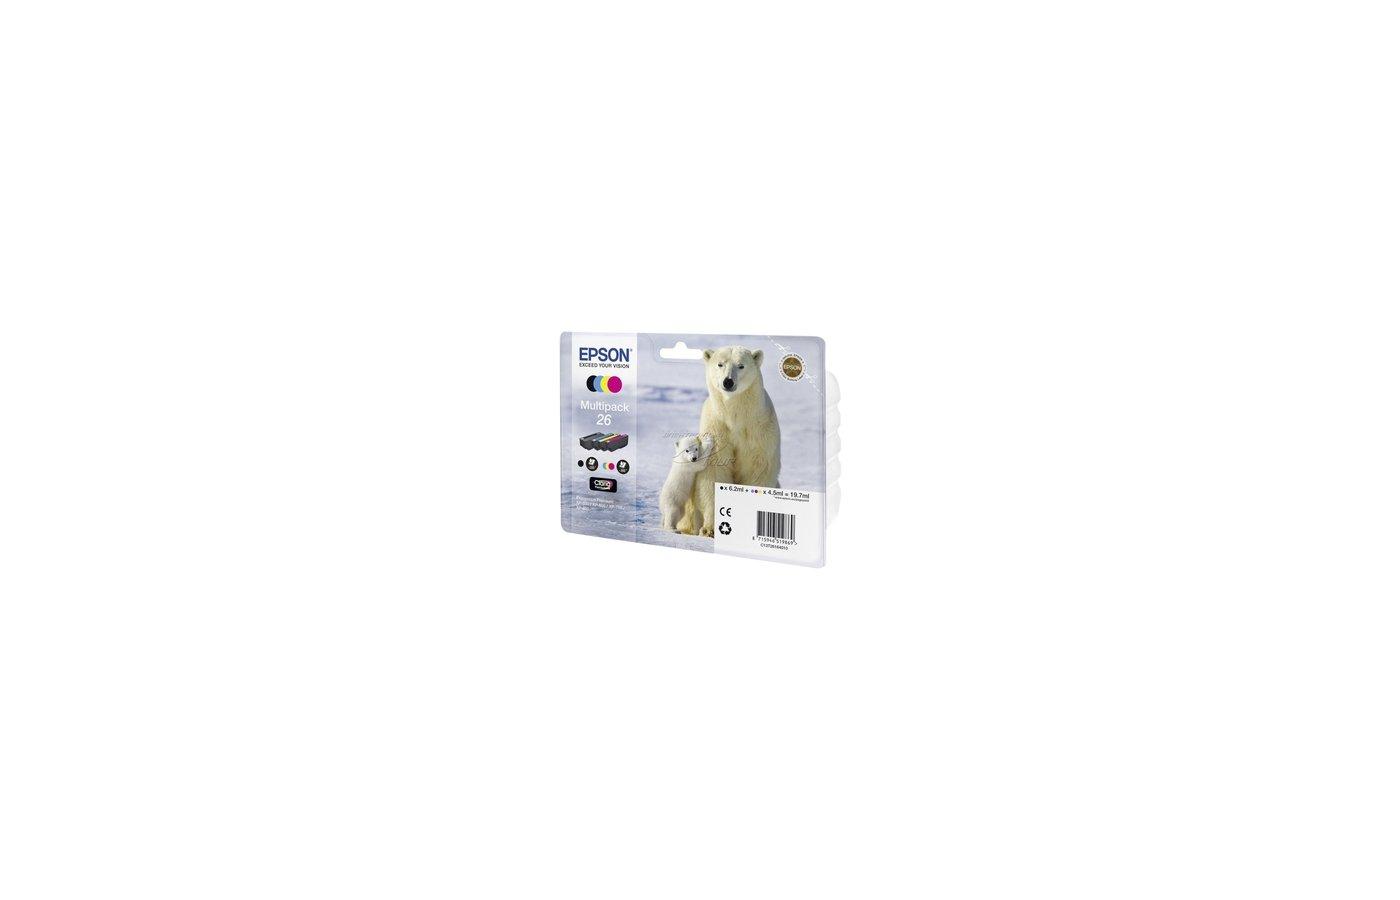 Картридж струйный Epson C13T26164010 Набор из 4 картриджей для Expression Premium XP-70